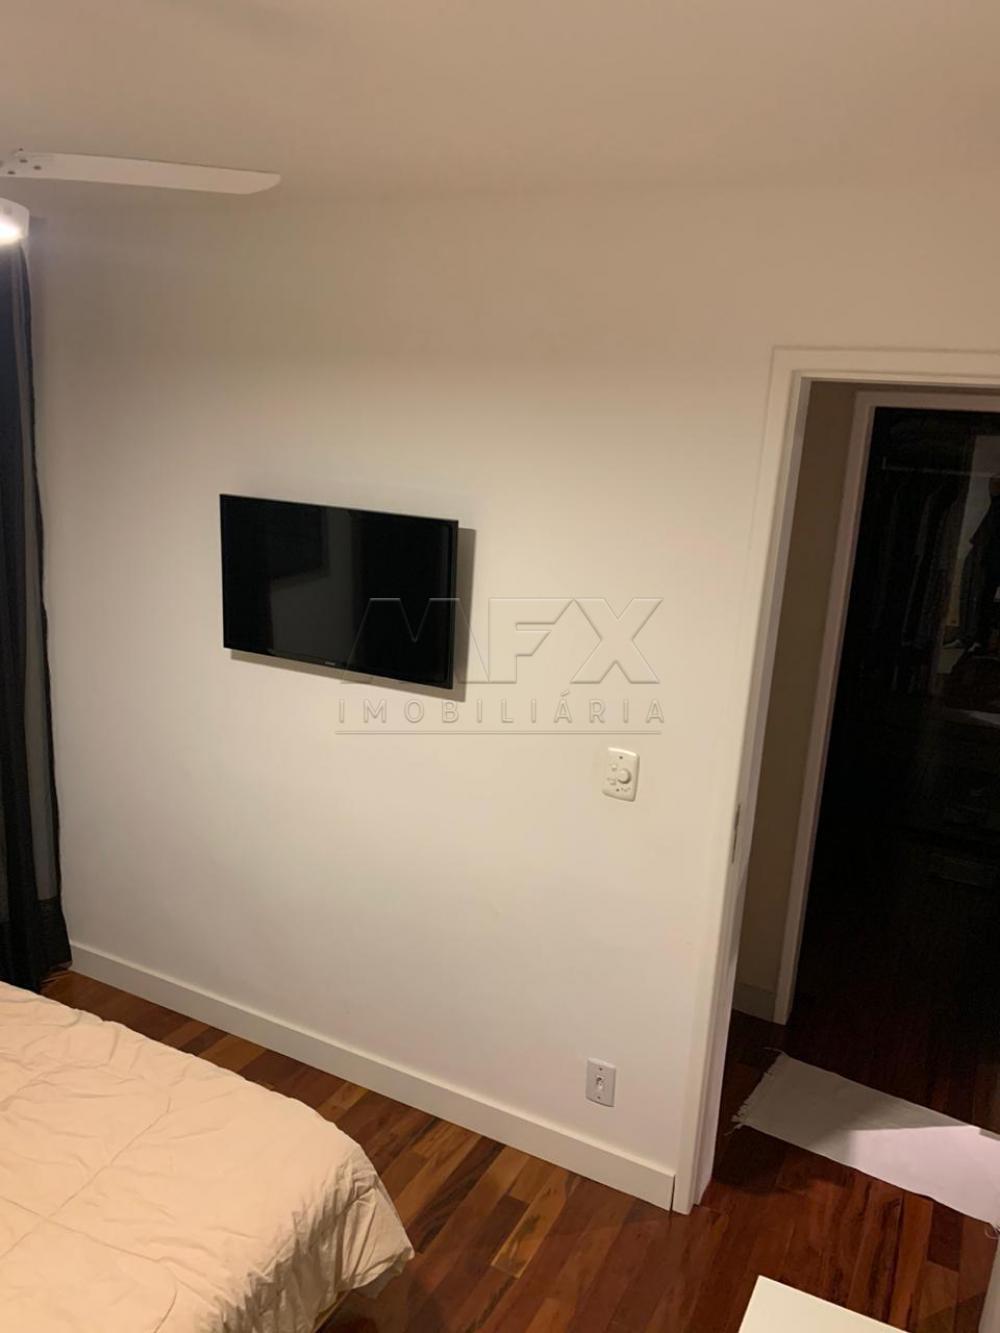 Comprar Apartamento / Padrão em Bauru apenas R$ 155.000,00 - Foto 3